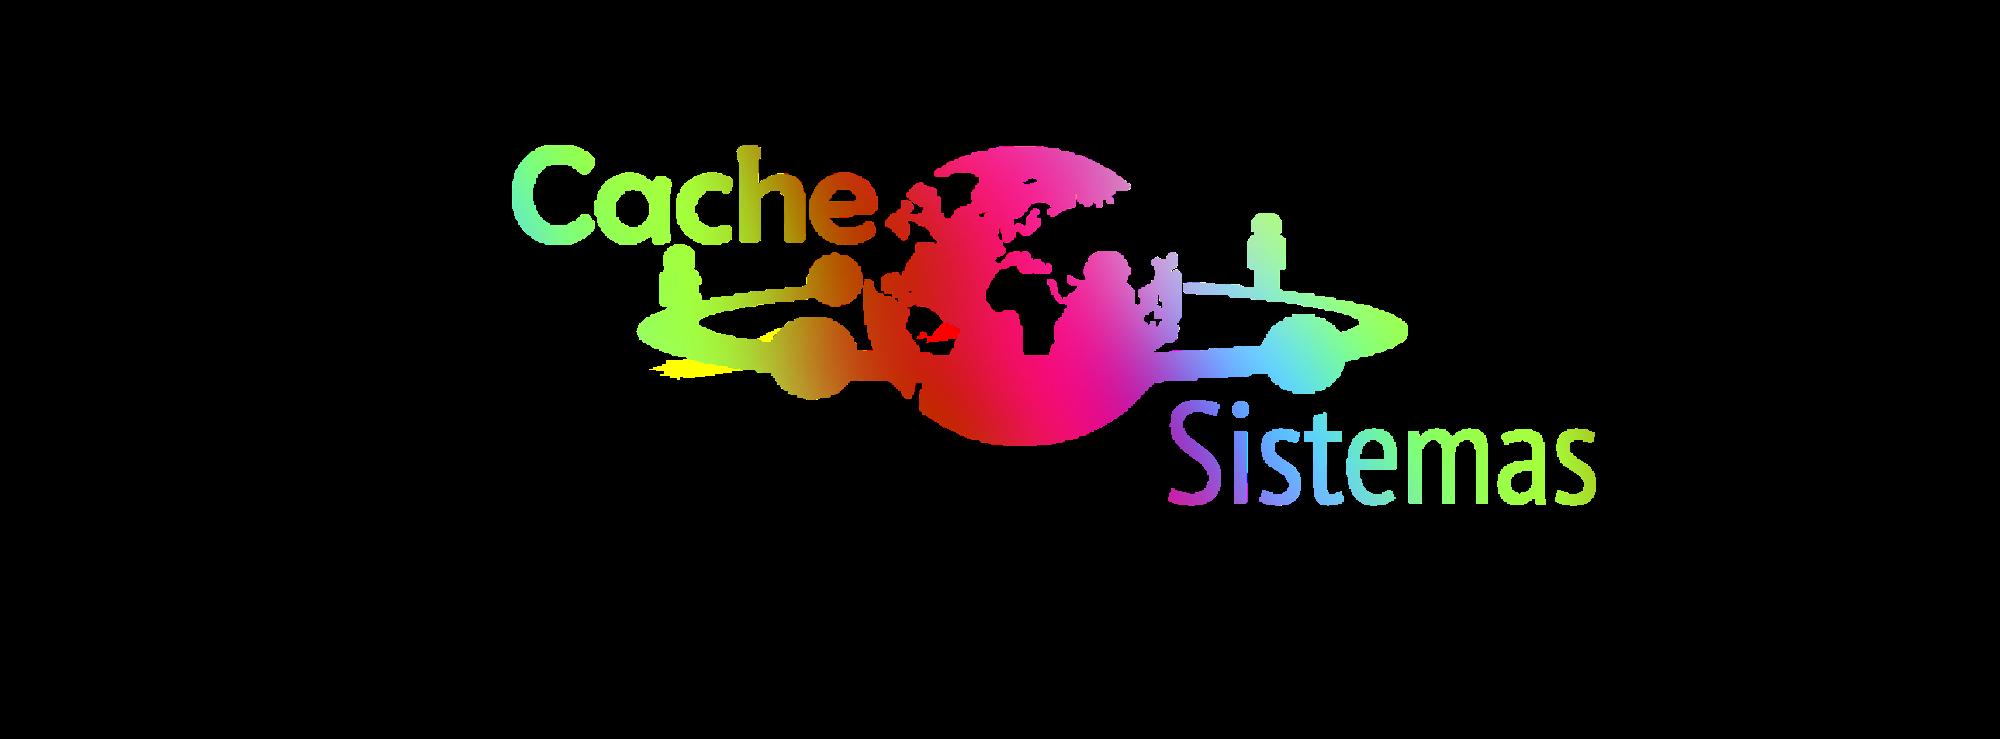 cache sistemas